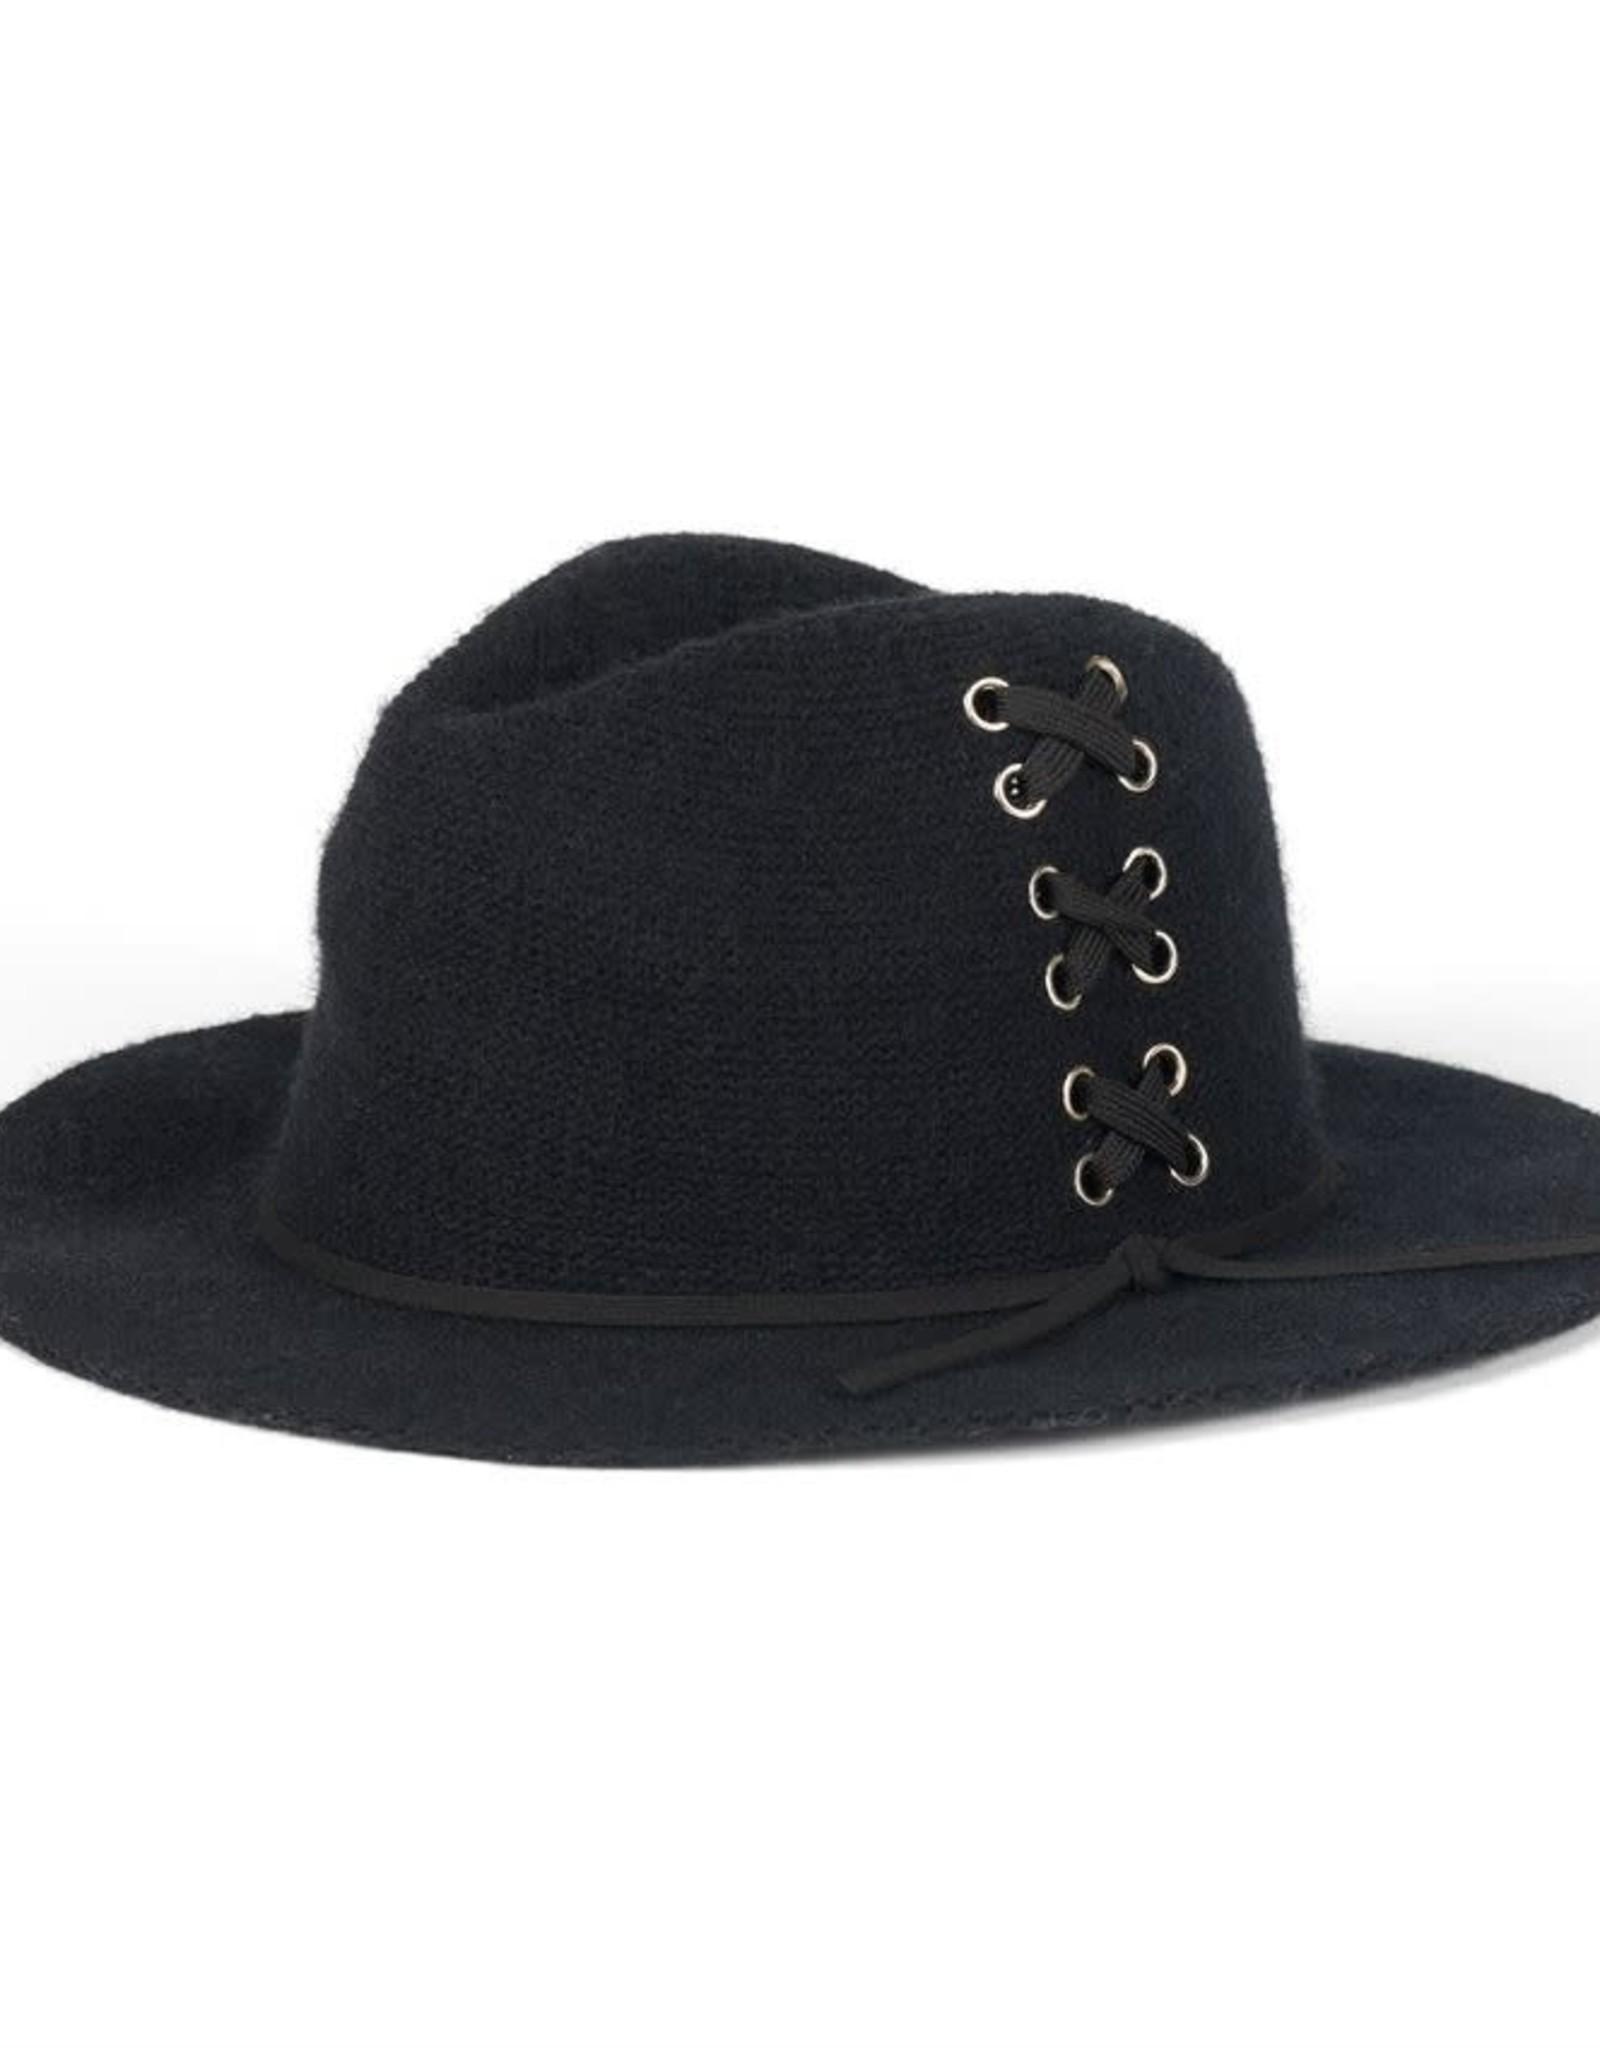 Coco & Carmen Braided Side Ranch Hat